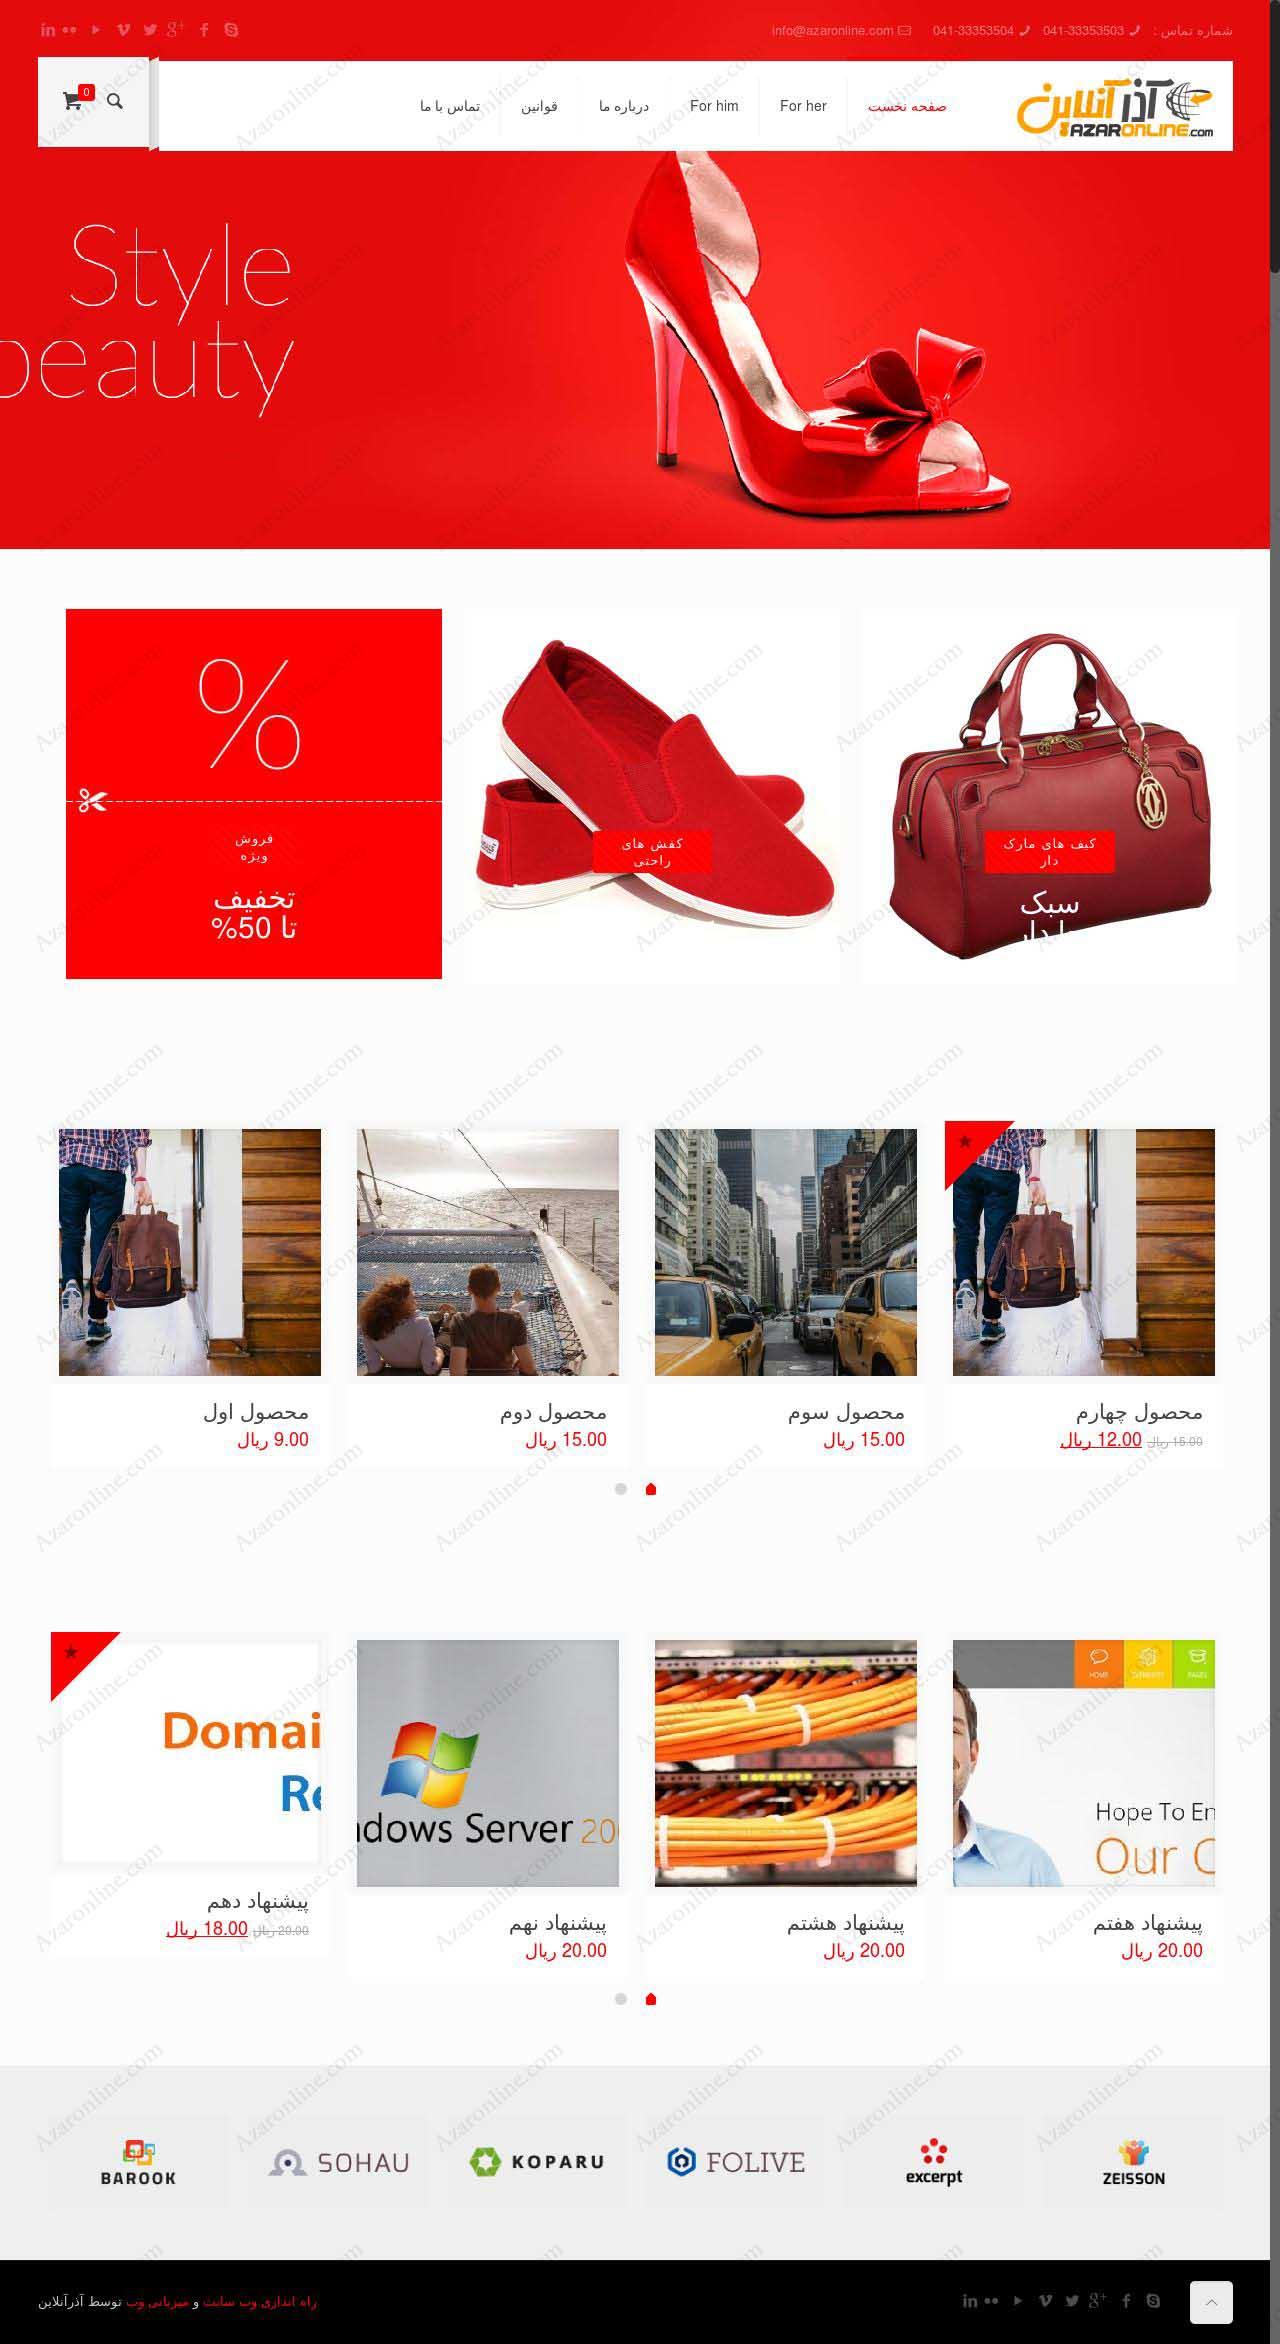 قالب وب سایت فروشگاهی